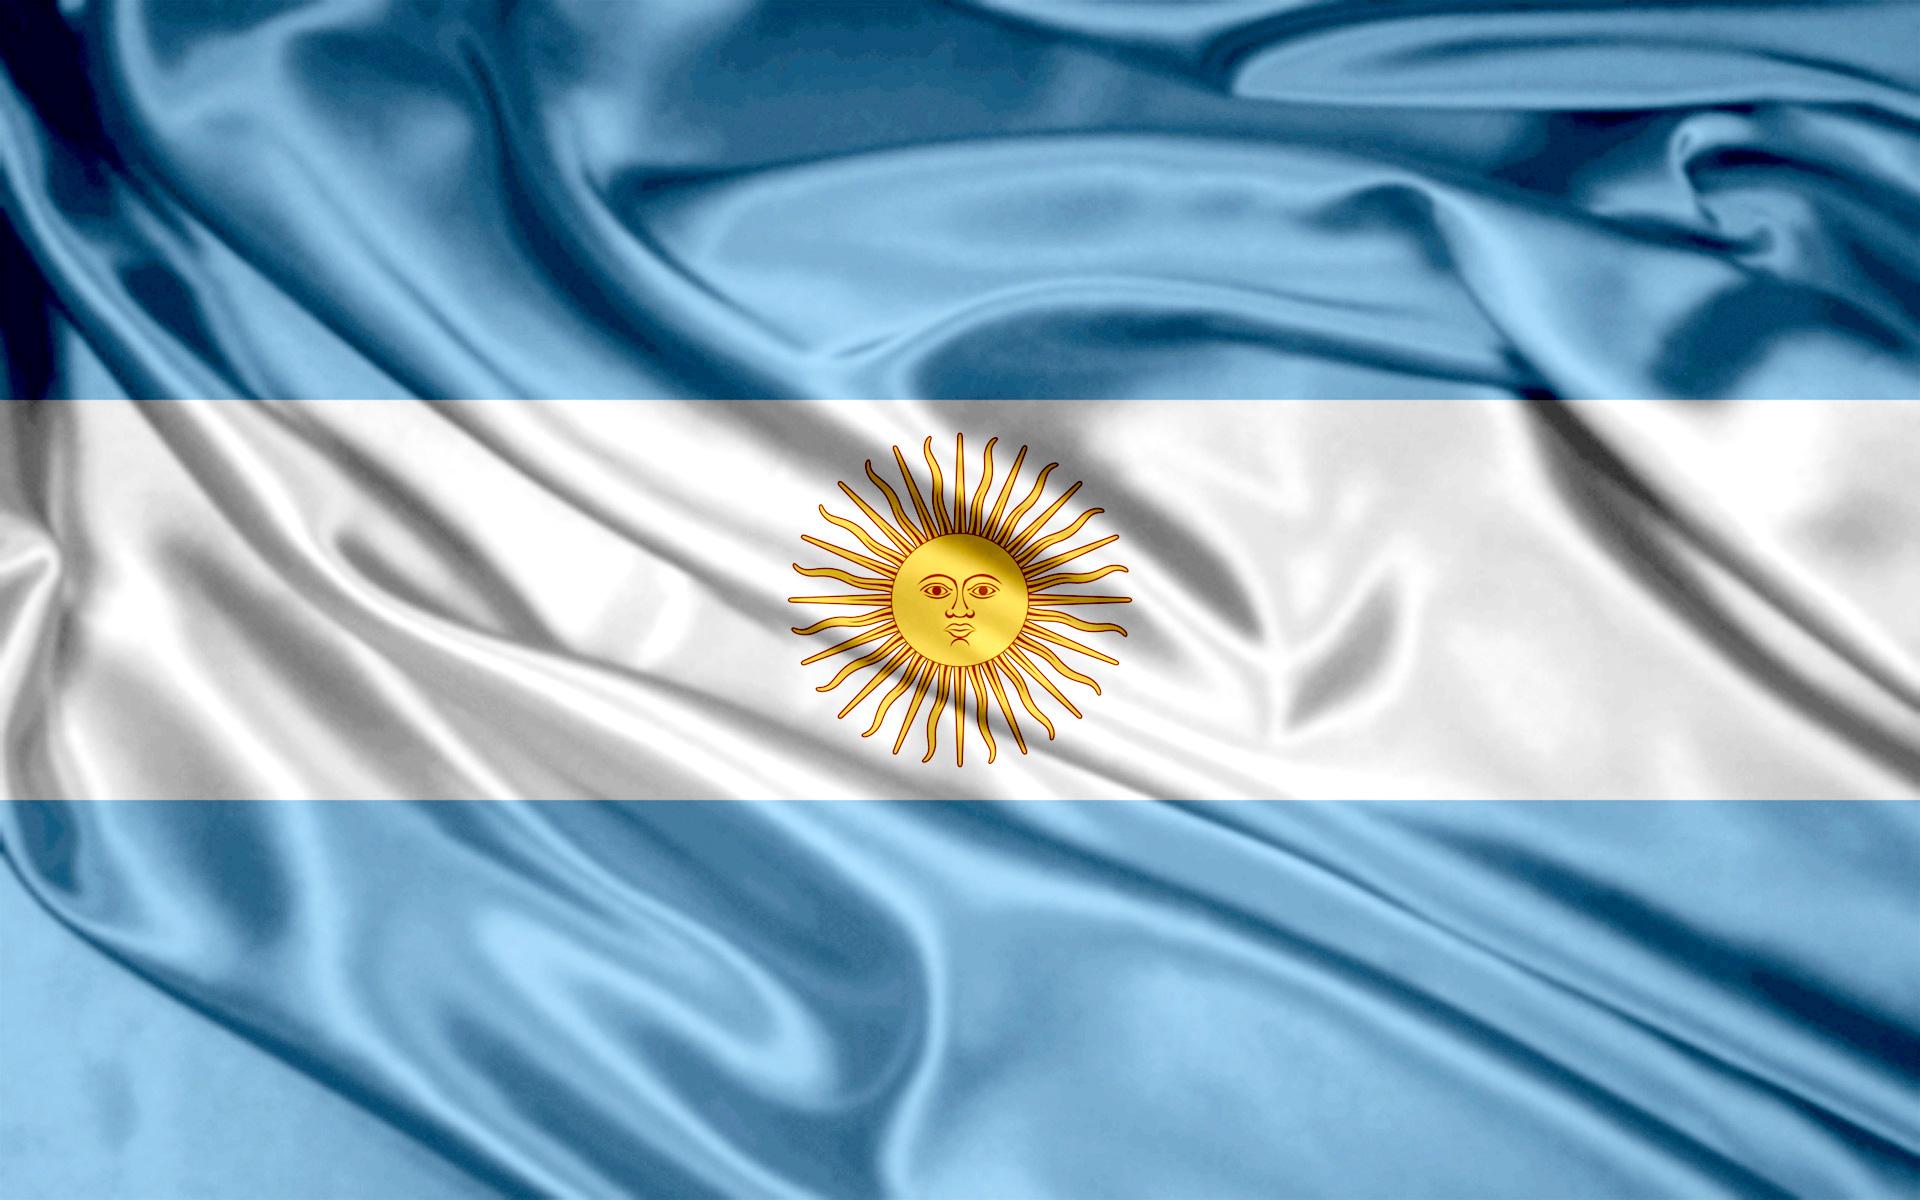 bandera-Argentina-bandera